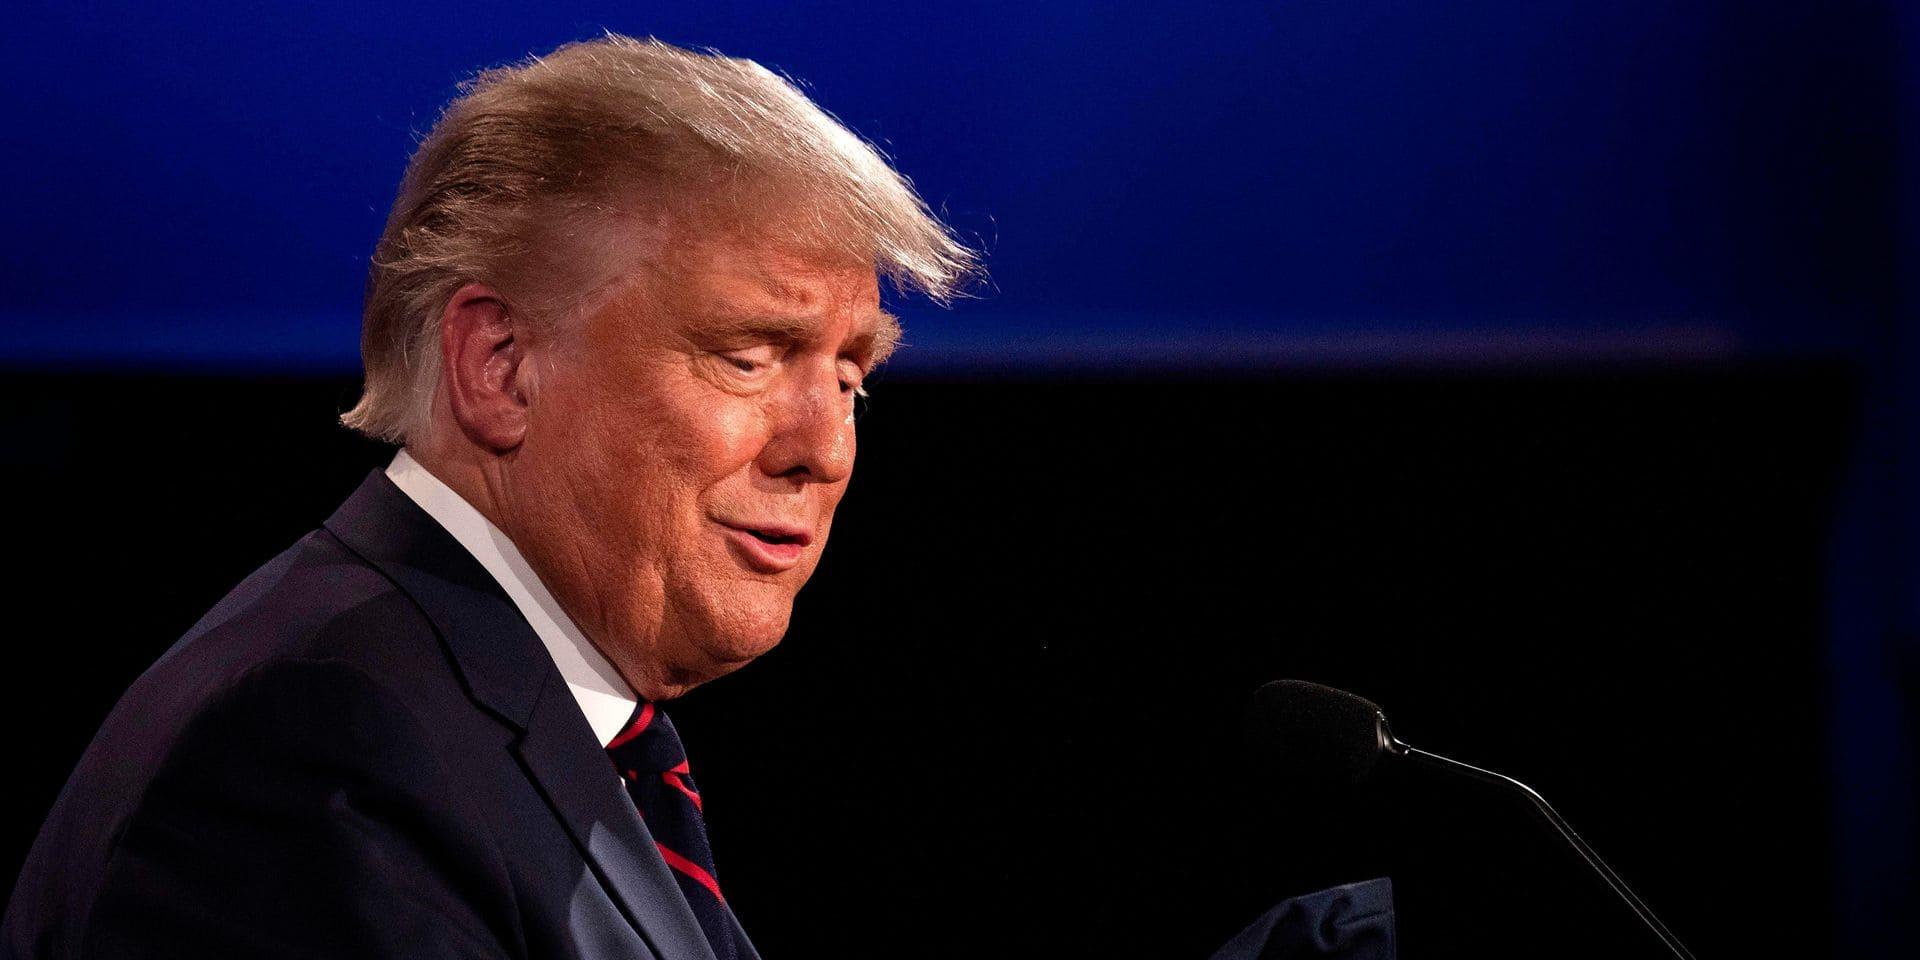 Contaminé par le coronavirus, Donald Trump est hospitalisé